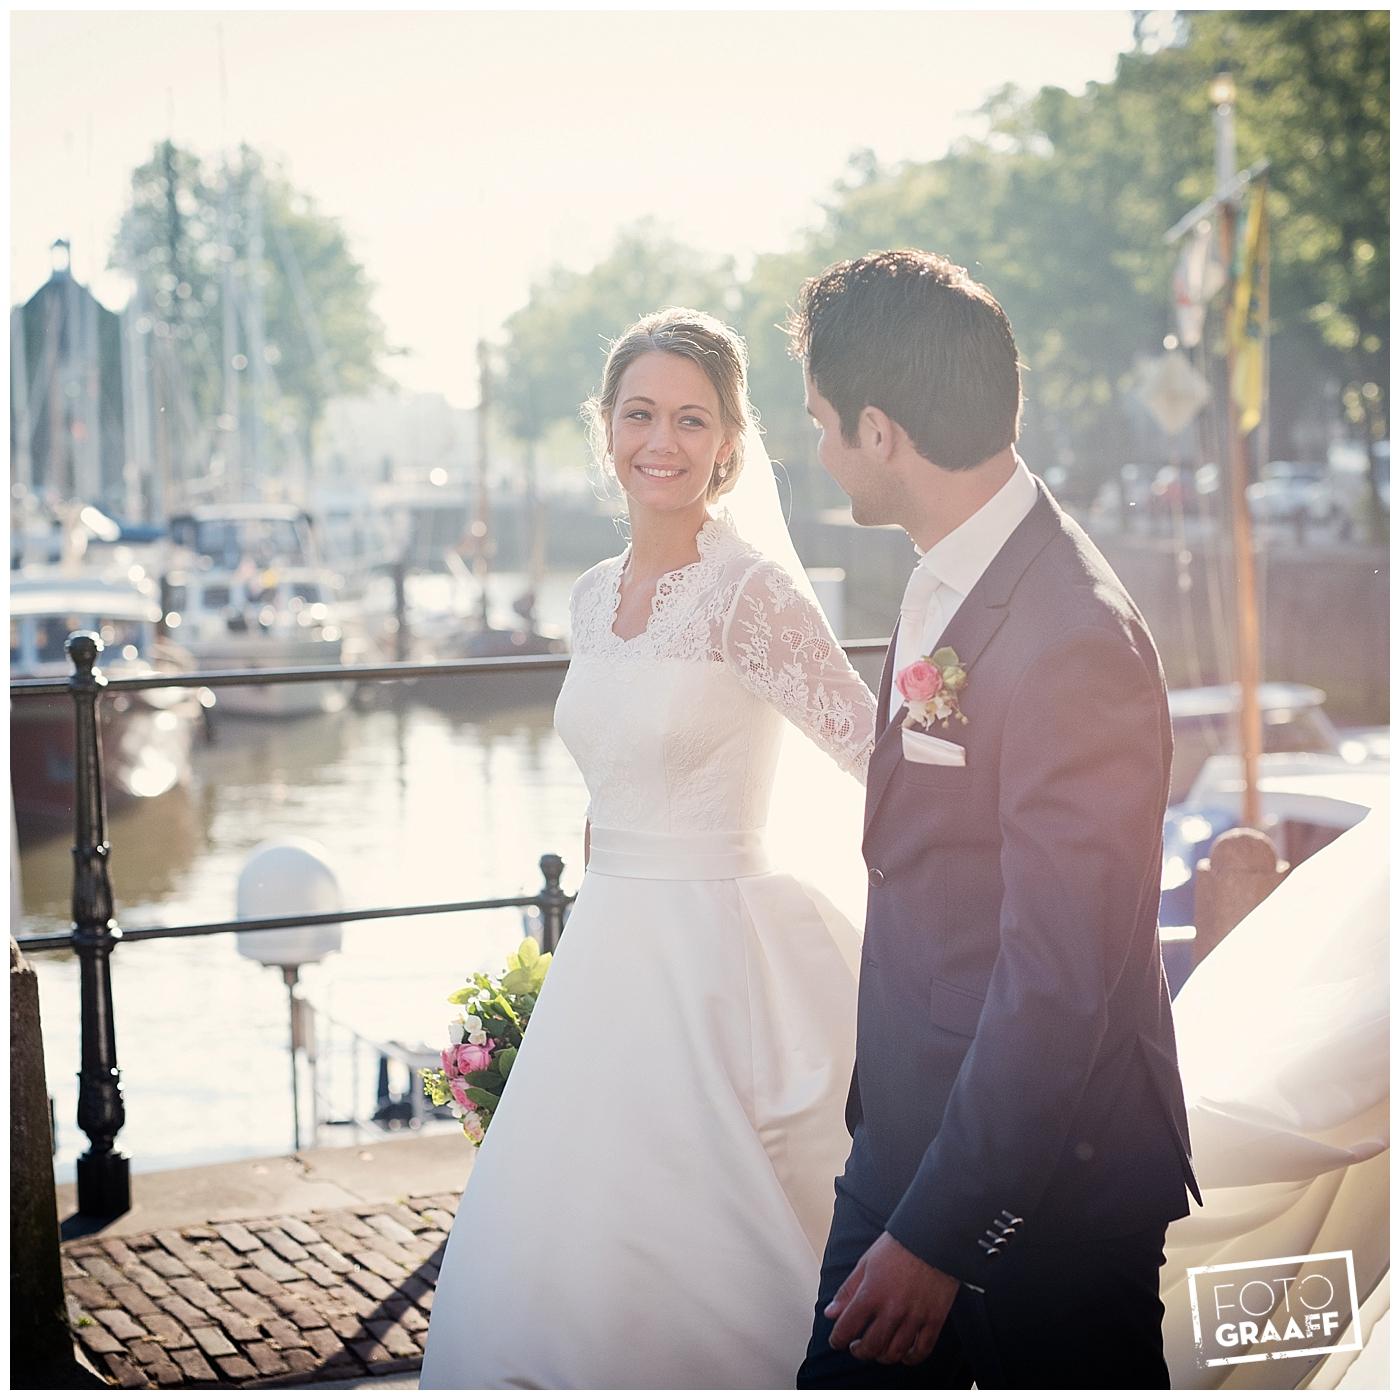 bruidsfotografie dordrecht Jaco & Marjolein_0172